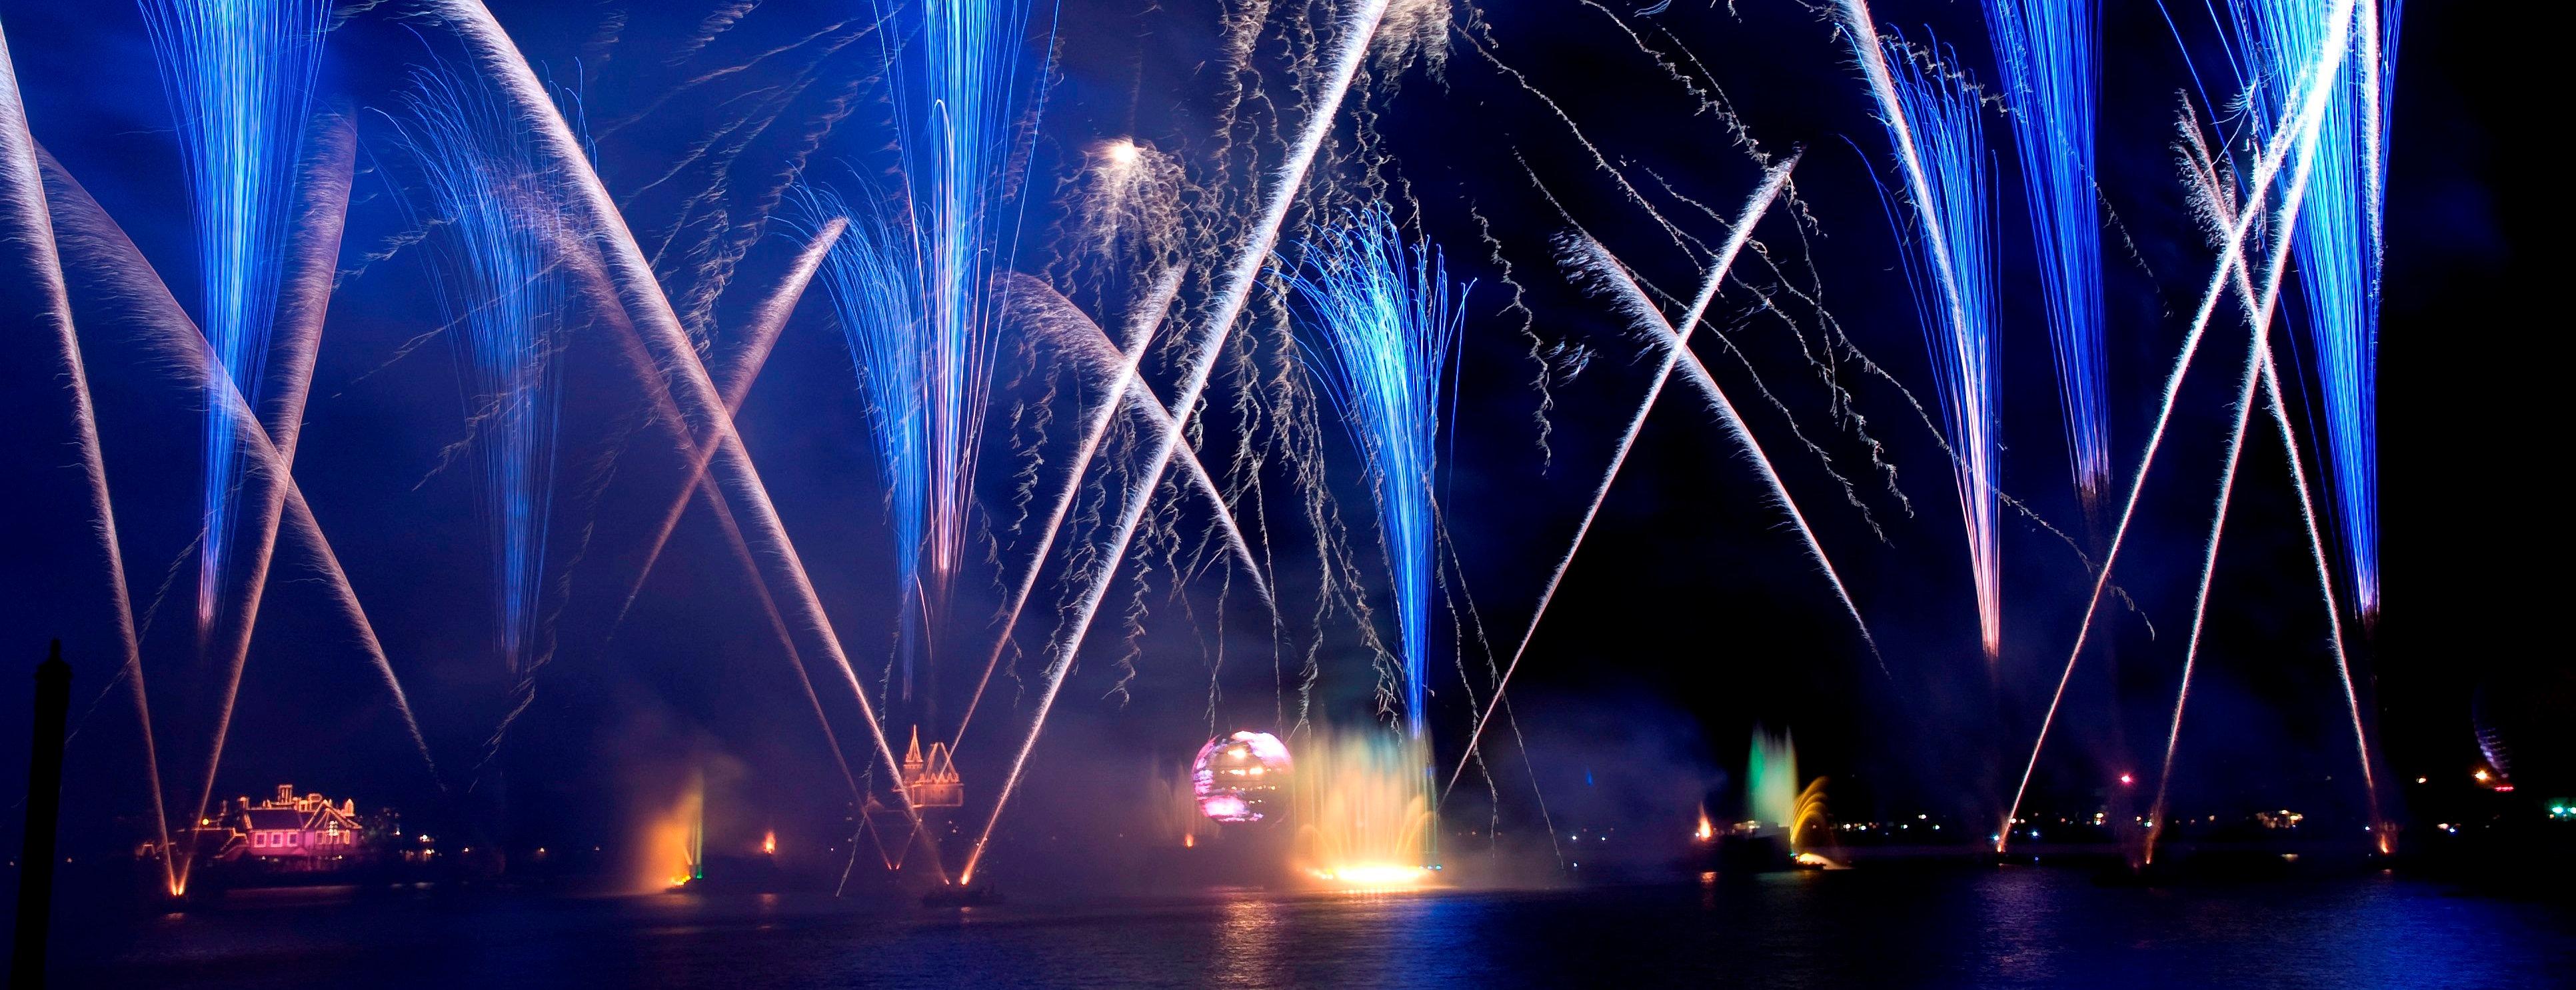 #0B3EC0 Illuminations EBook Database 5353 decorations de noel bruxelles 3865x1485 px @ aertt.com